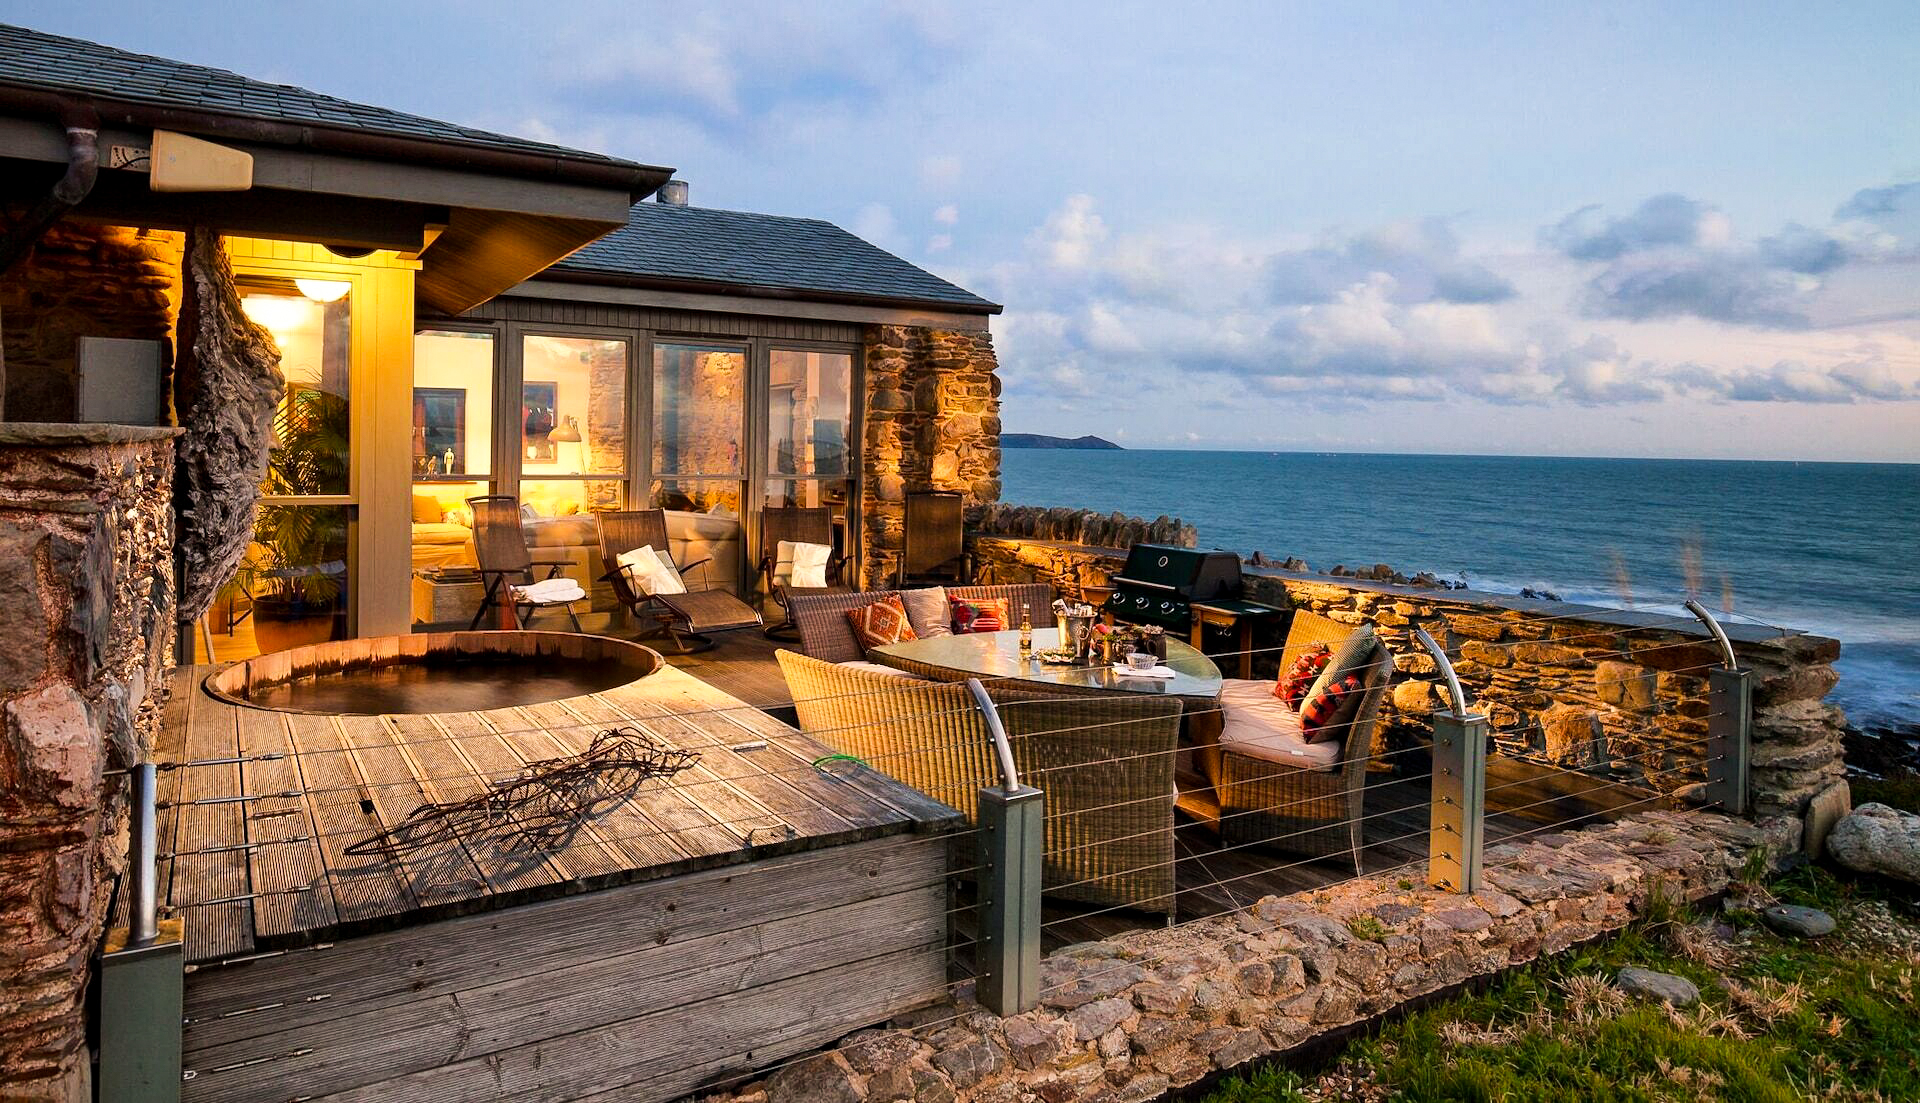 Vrbo, der står for udlejning af ferieboliger i Expedia Group, er på jagt efter flere attraktive udlejningsboliger, som for eksempel denne i Cornwall i det sydvestlige England. Pressefoto fra Expedia.